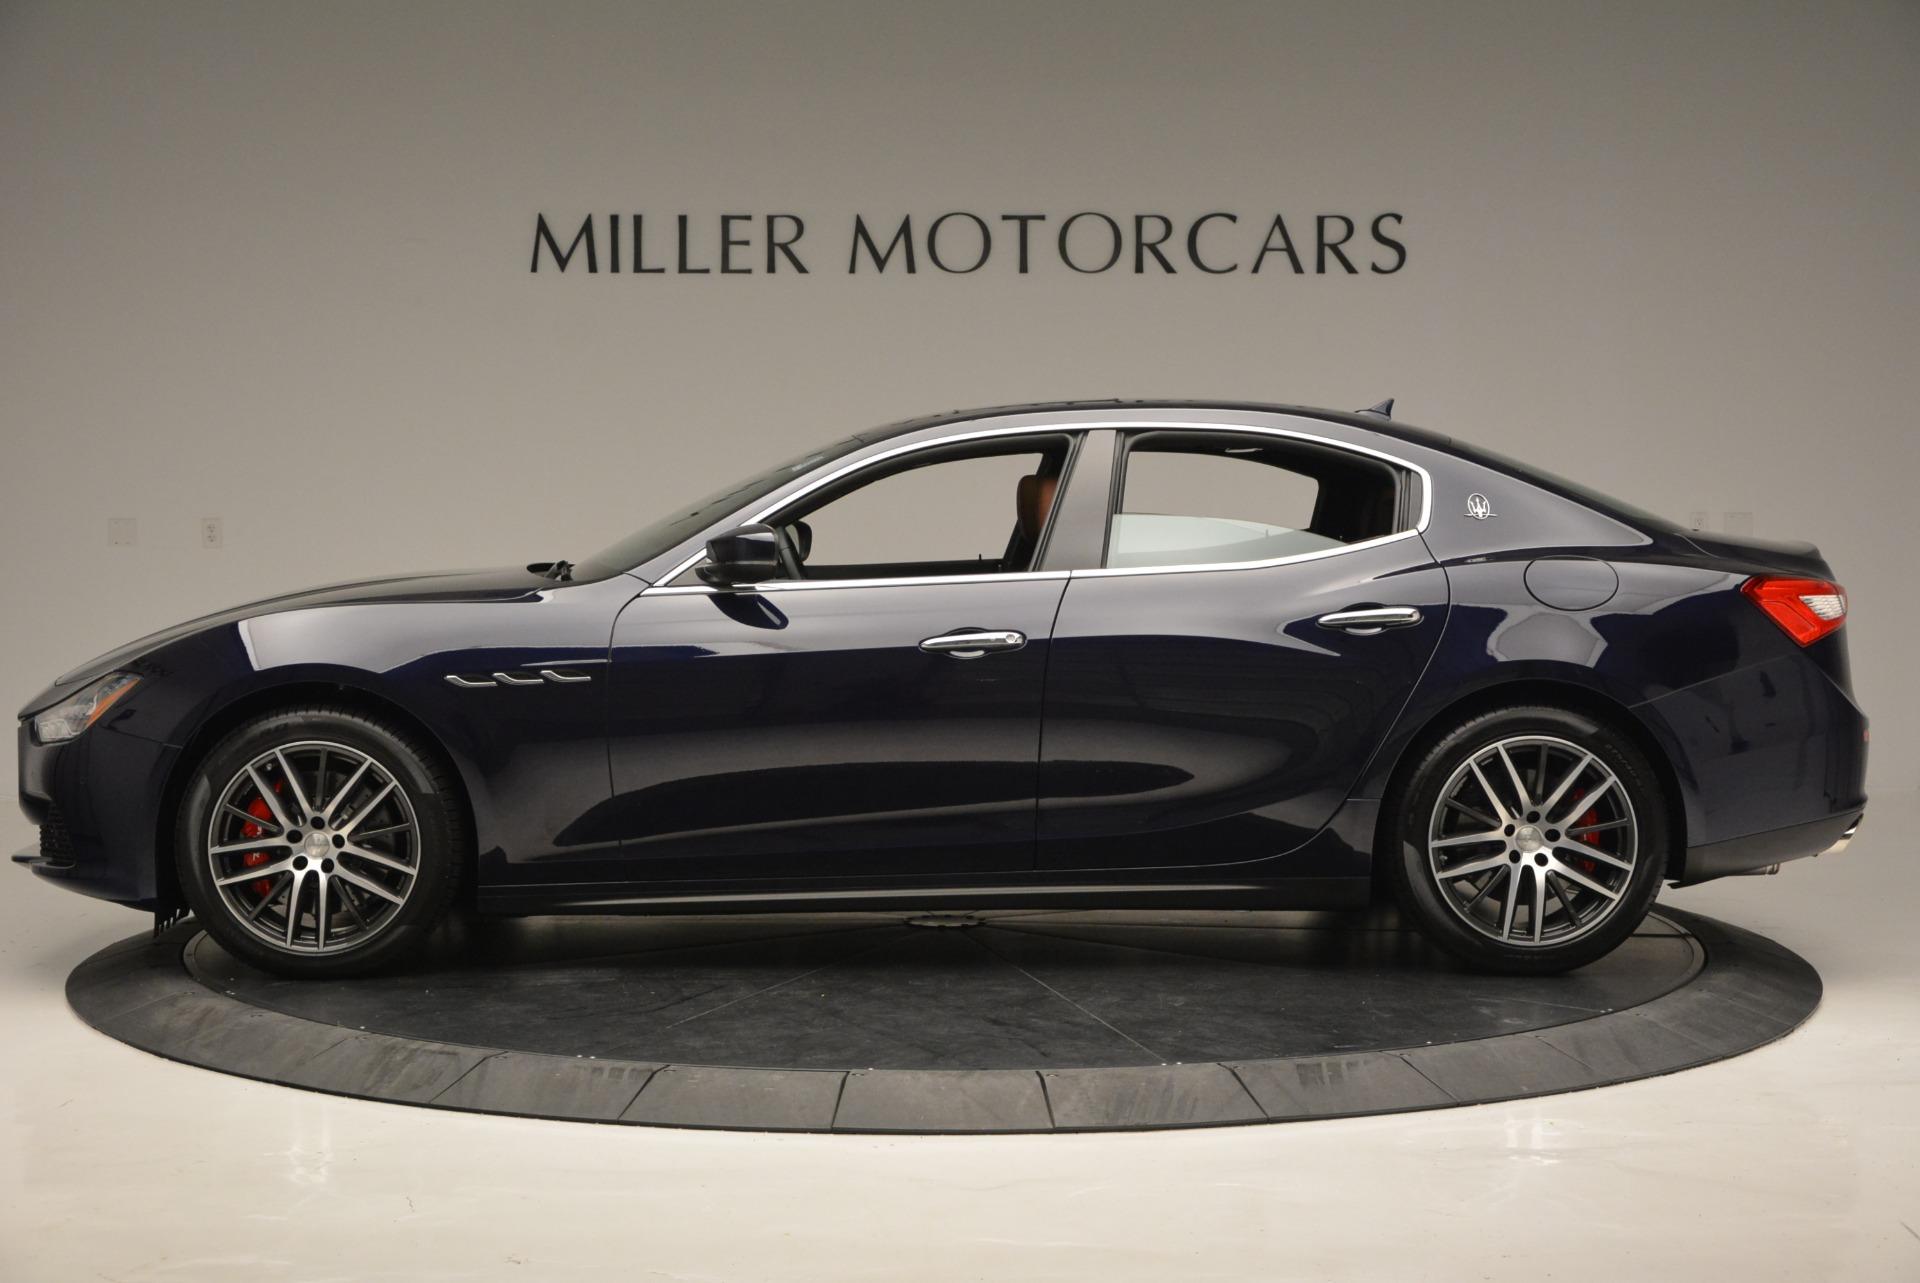 New 2017 Maserati Ghibli S Q4 For Sale In Greenwich, CT 714_p3